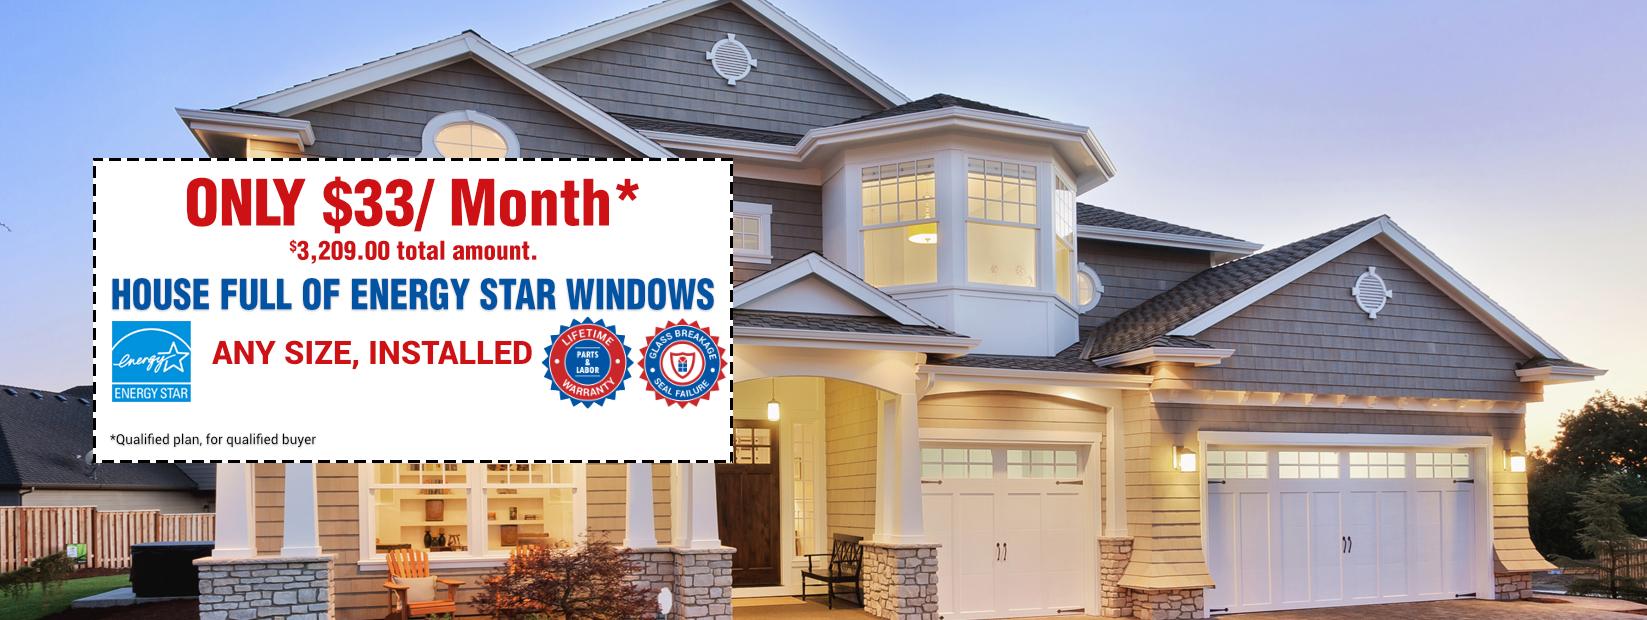 House Full Of Energy Star Windows